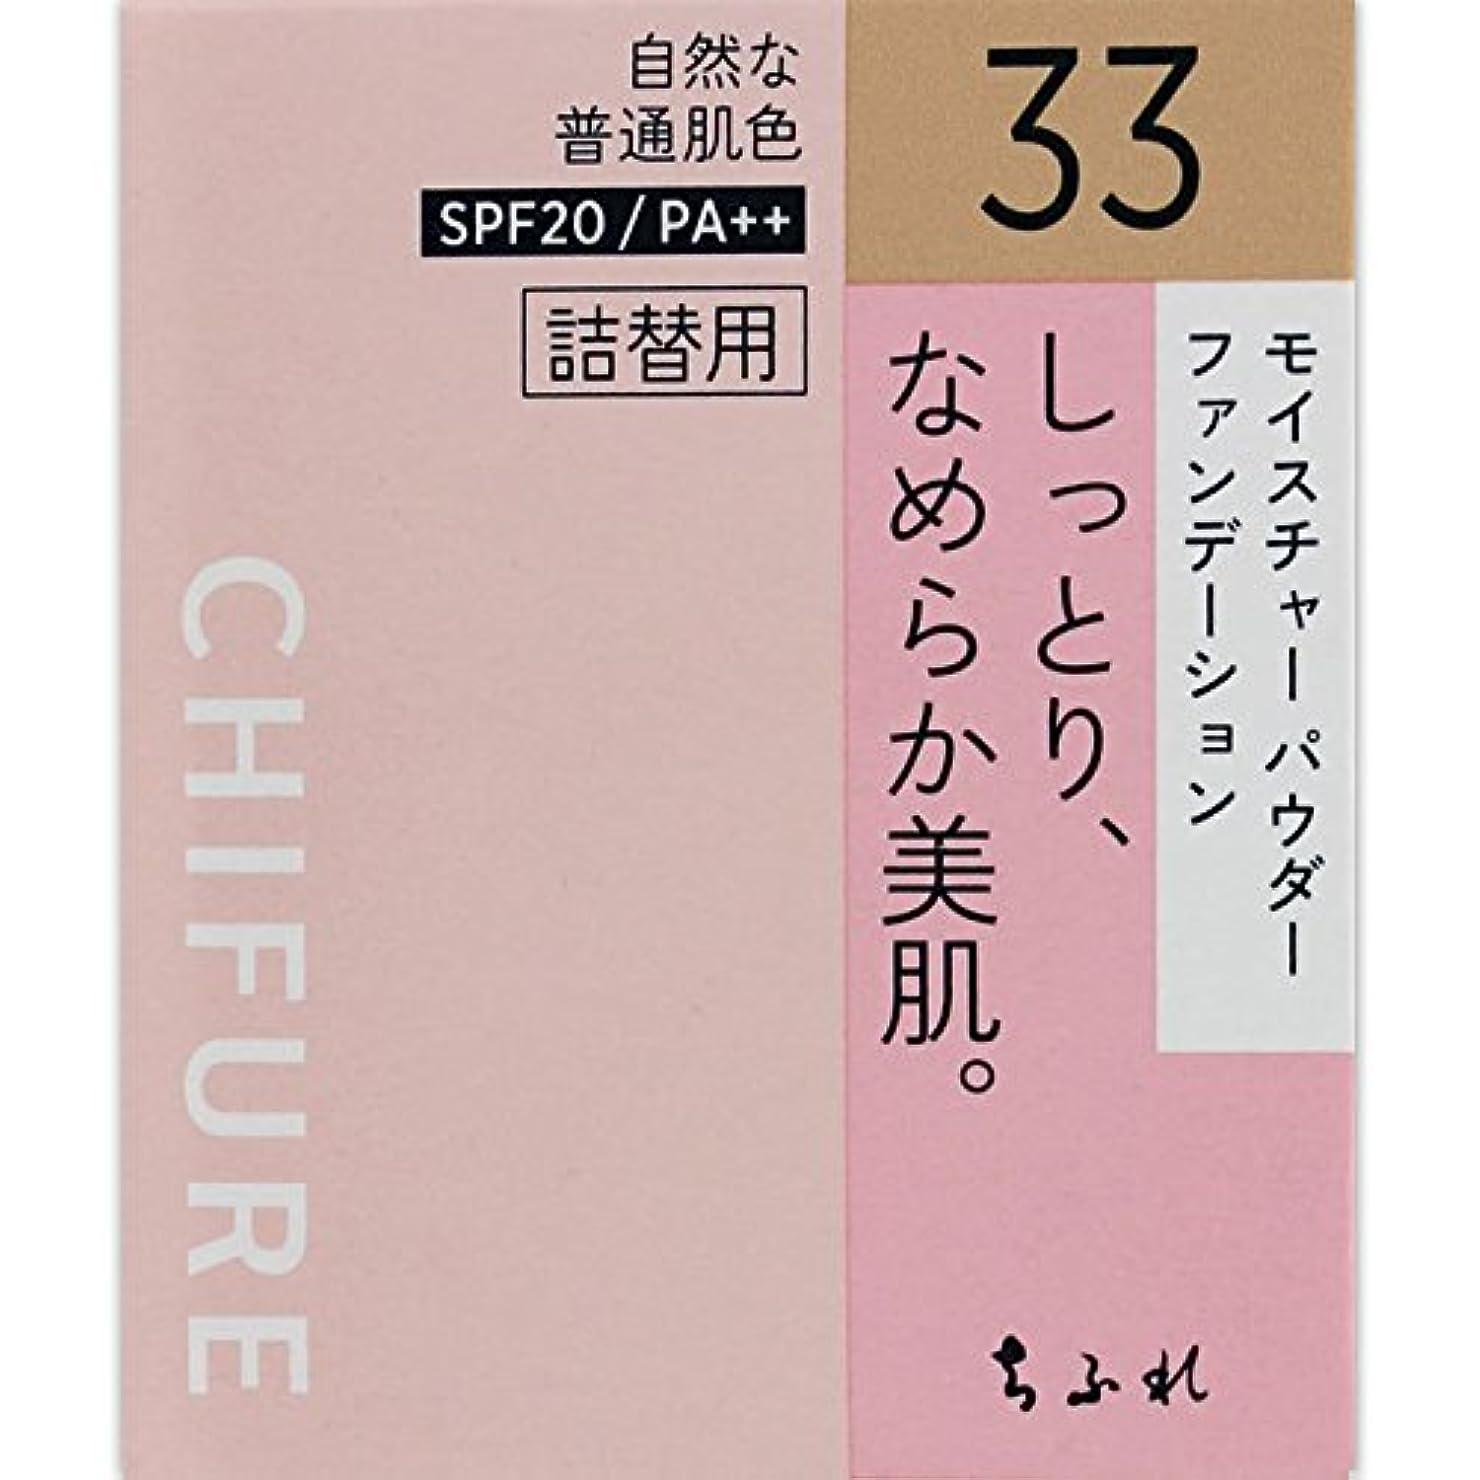 真剣に甘いつかむちふれ化粧品 モイスチャー パウダーファンデーション 詰替用 オークル系 MパウダーFD詰替用33